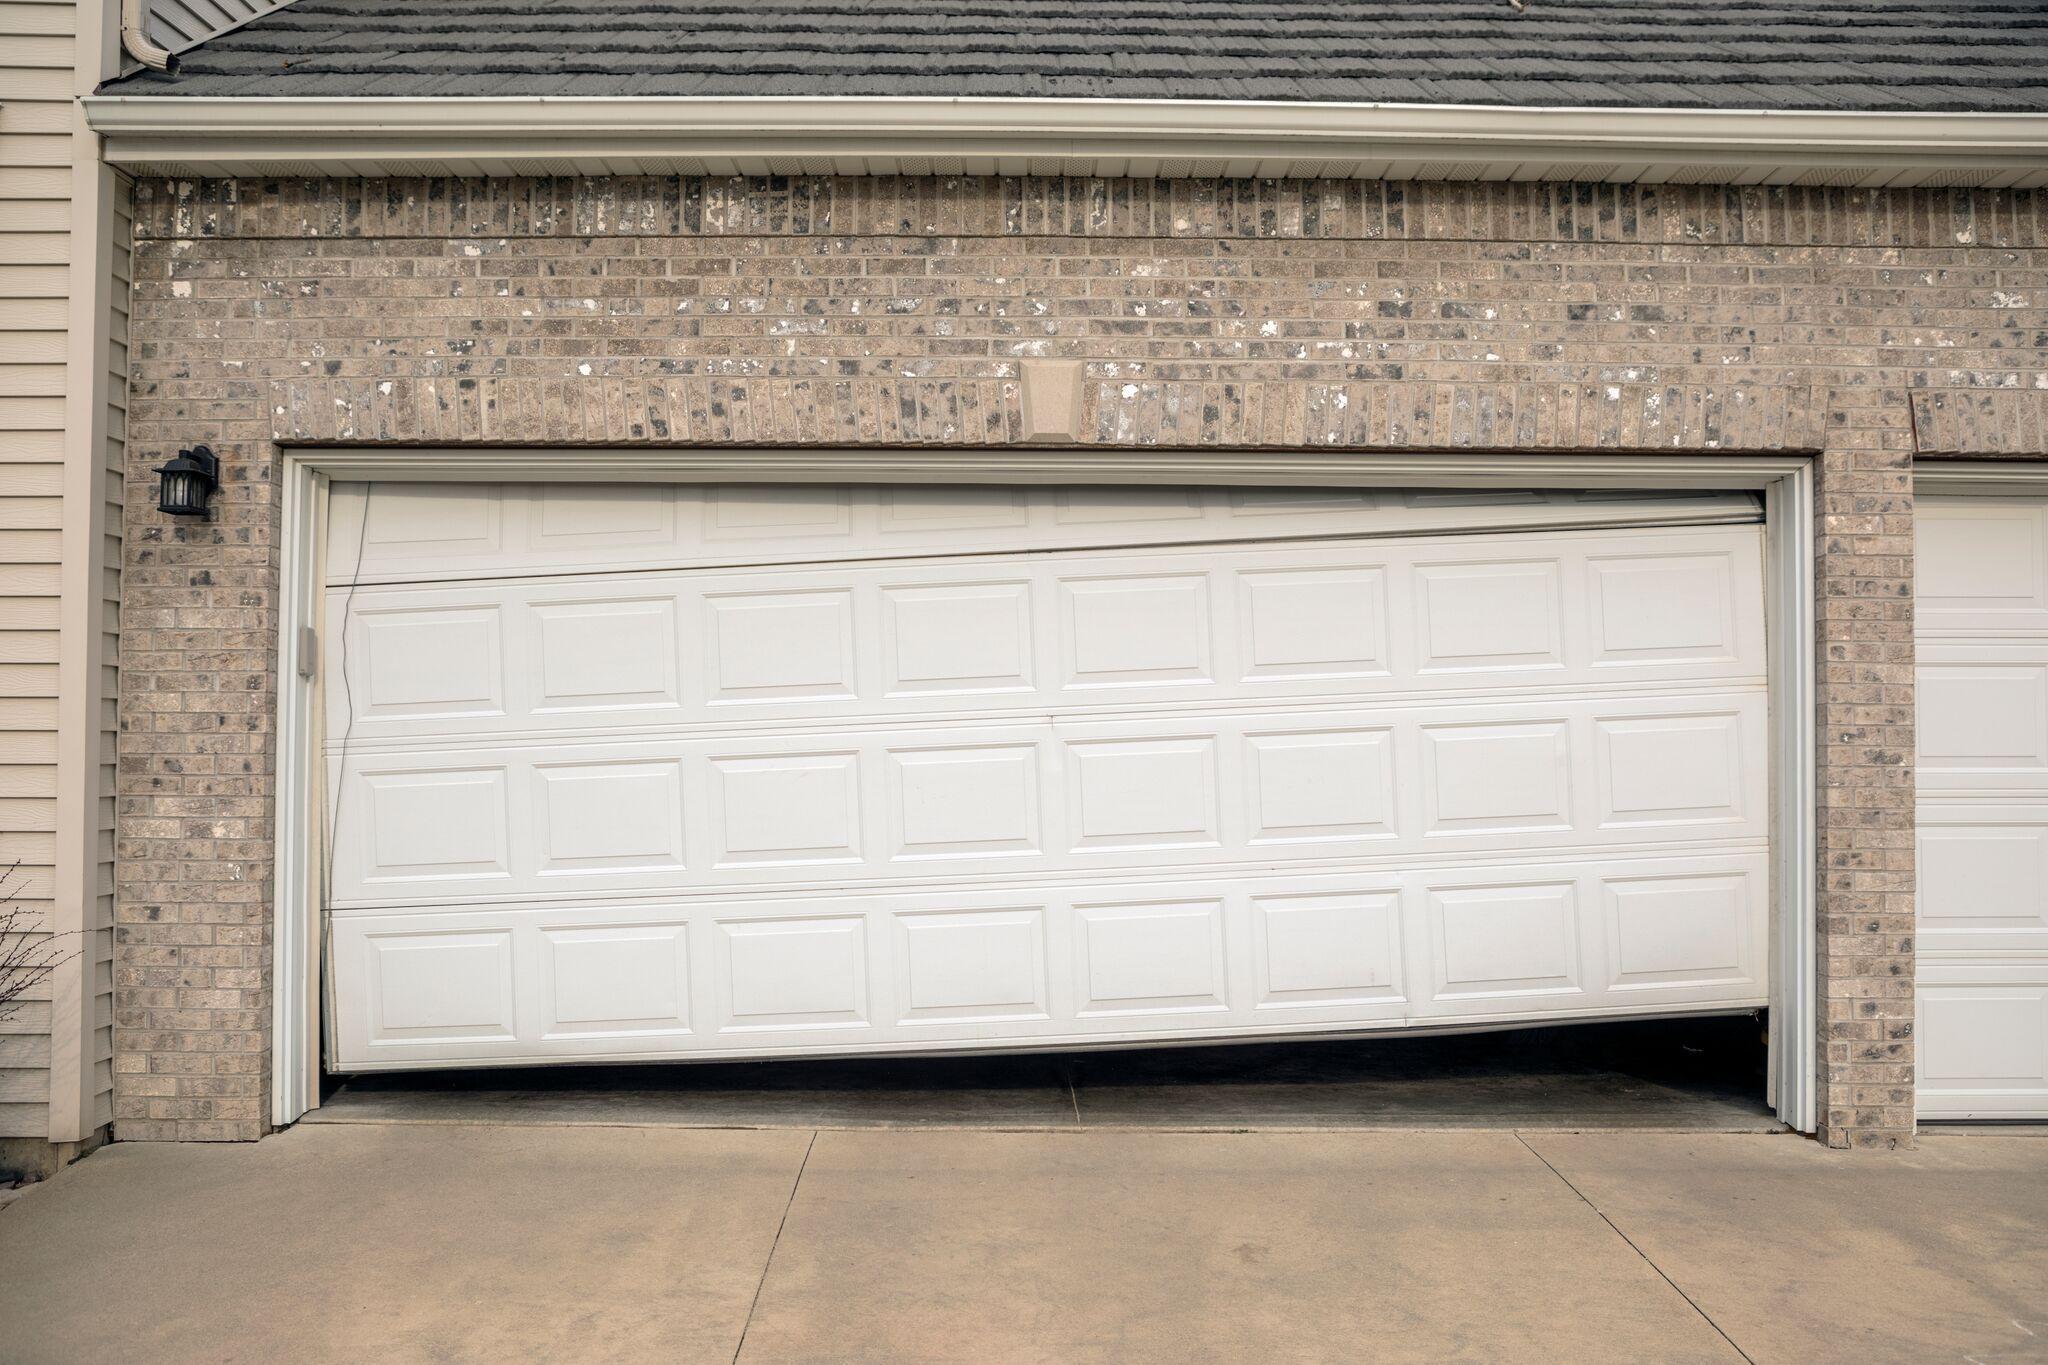 medium resolution of sagging and uneven garage door